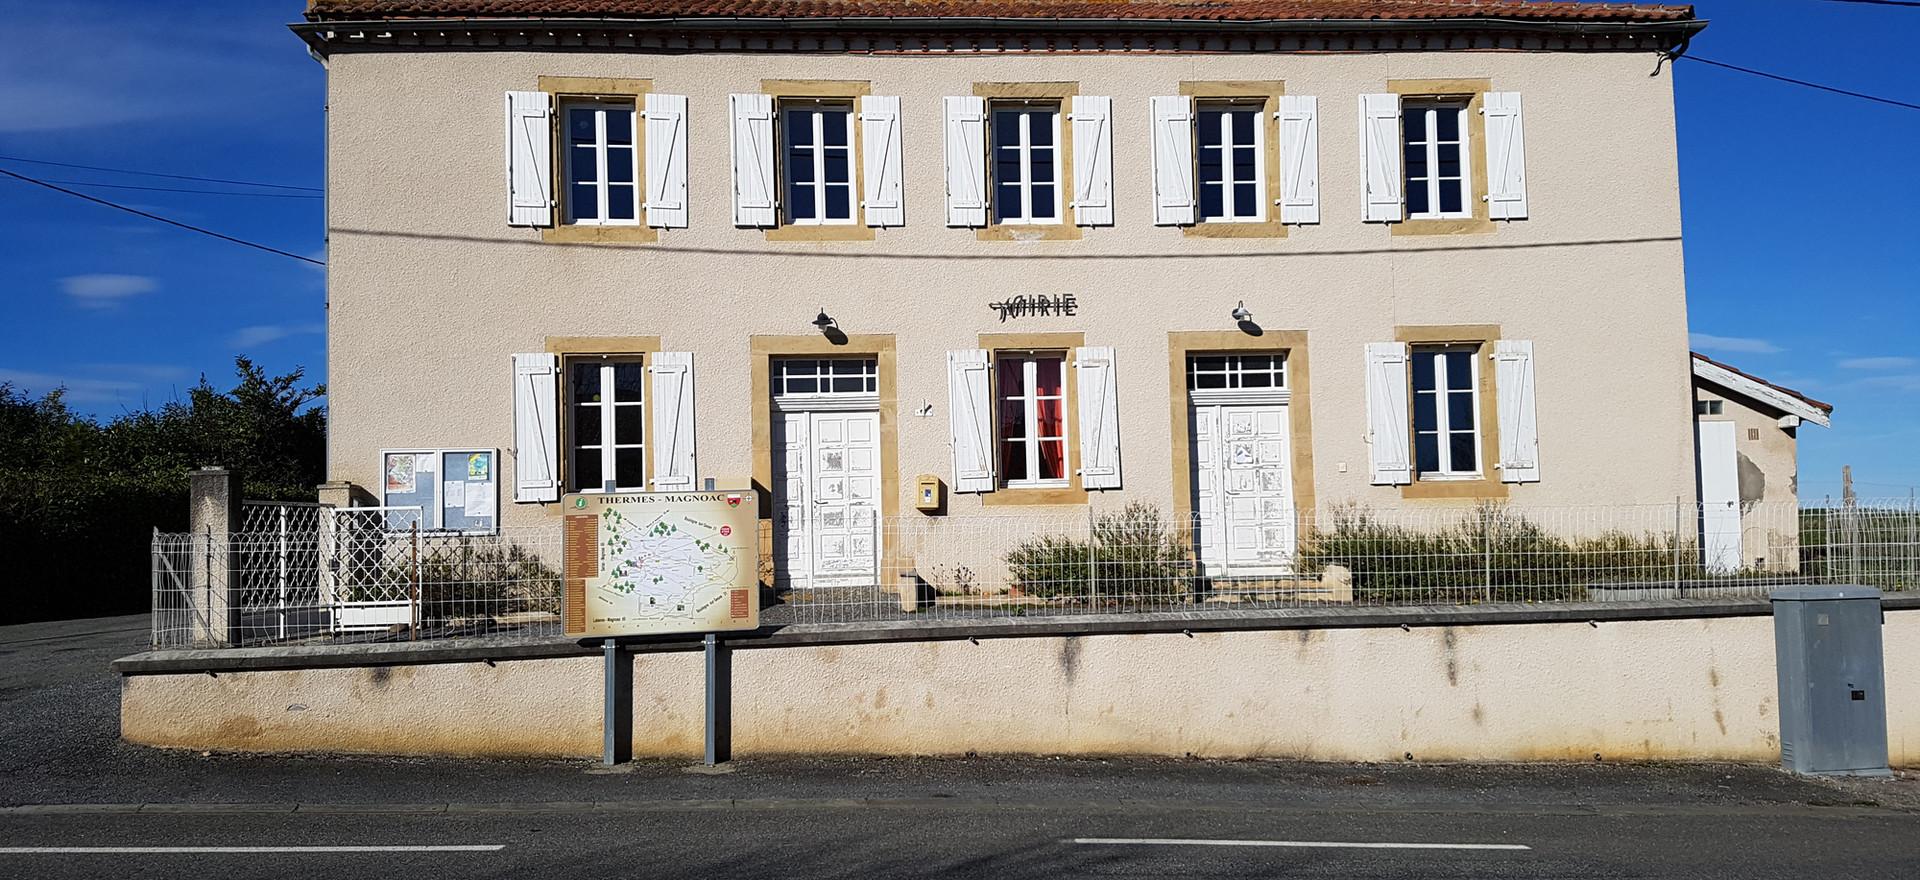 Mairie de Thermes-Magnoac